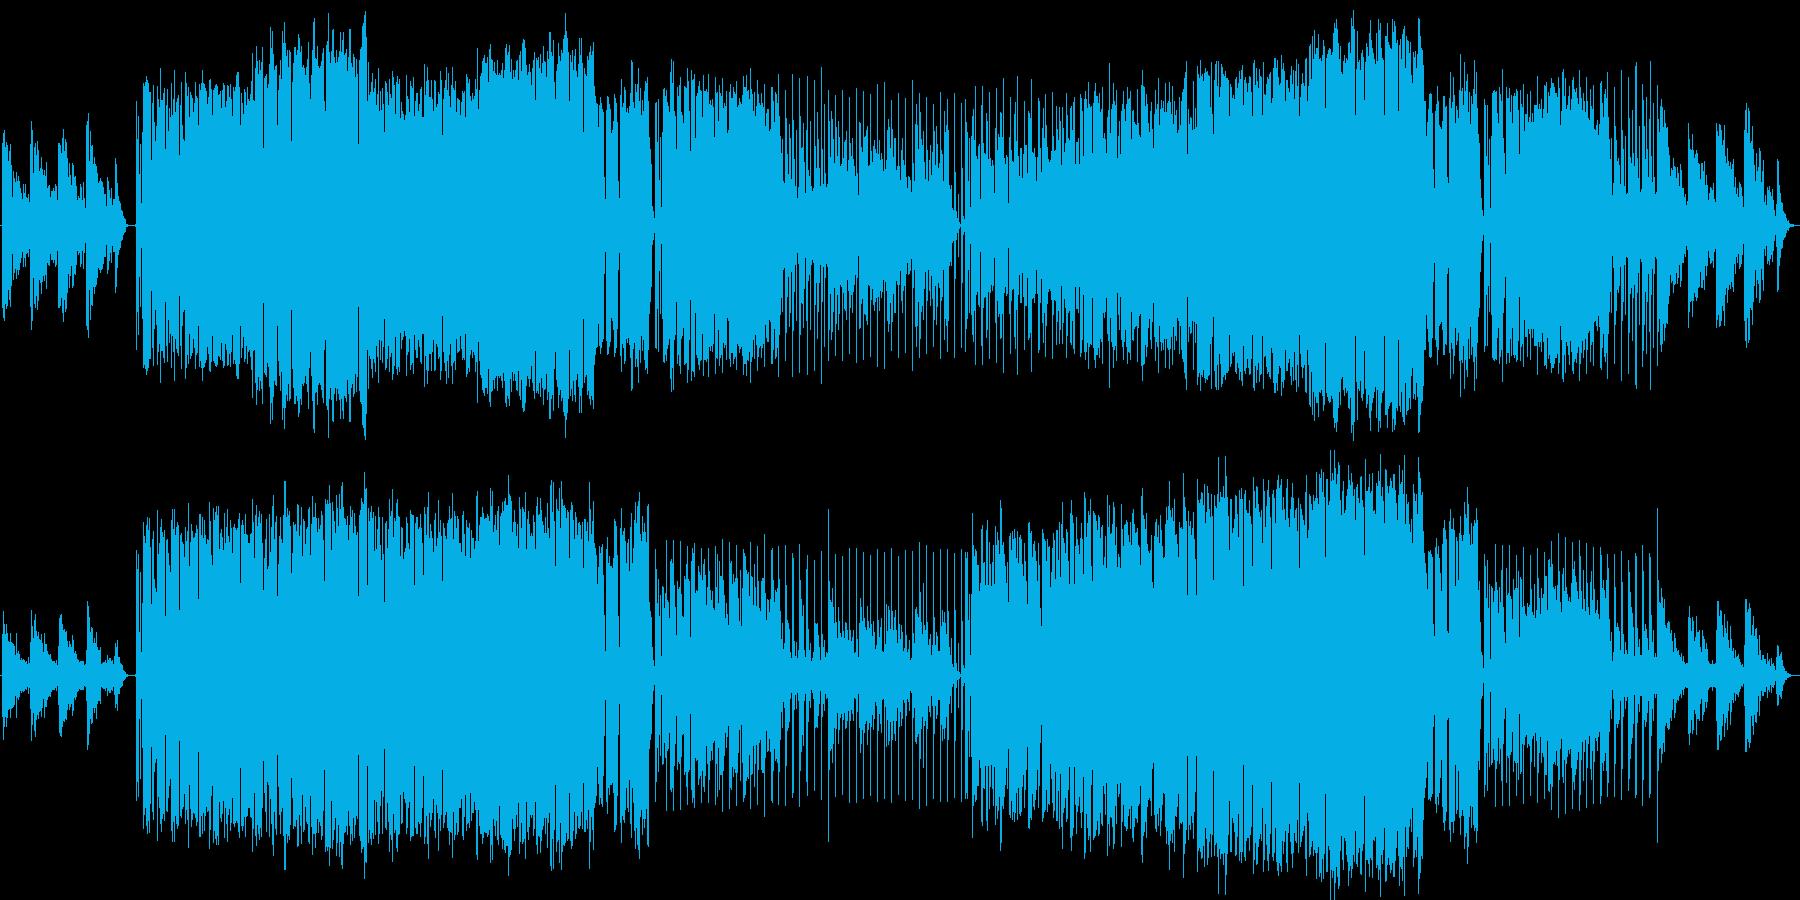 サックスが咽び泣く都会の夜っぽいBGMの再生済みの波形